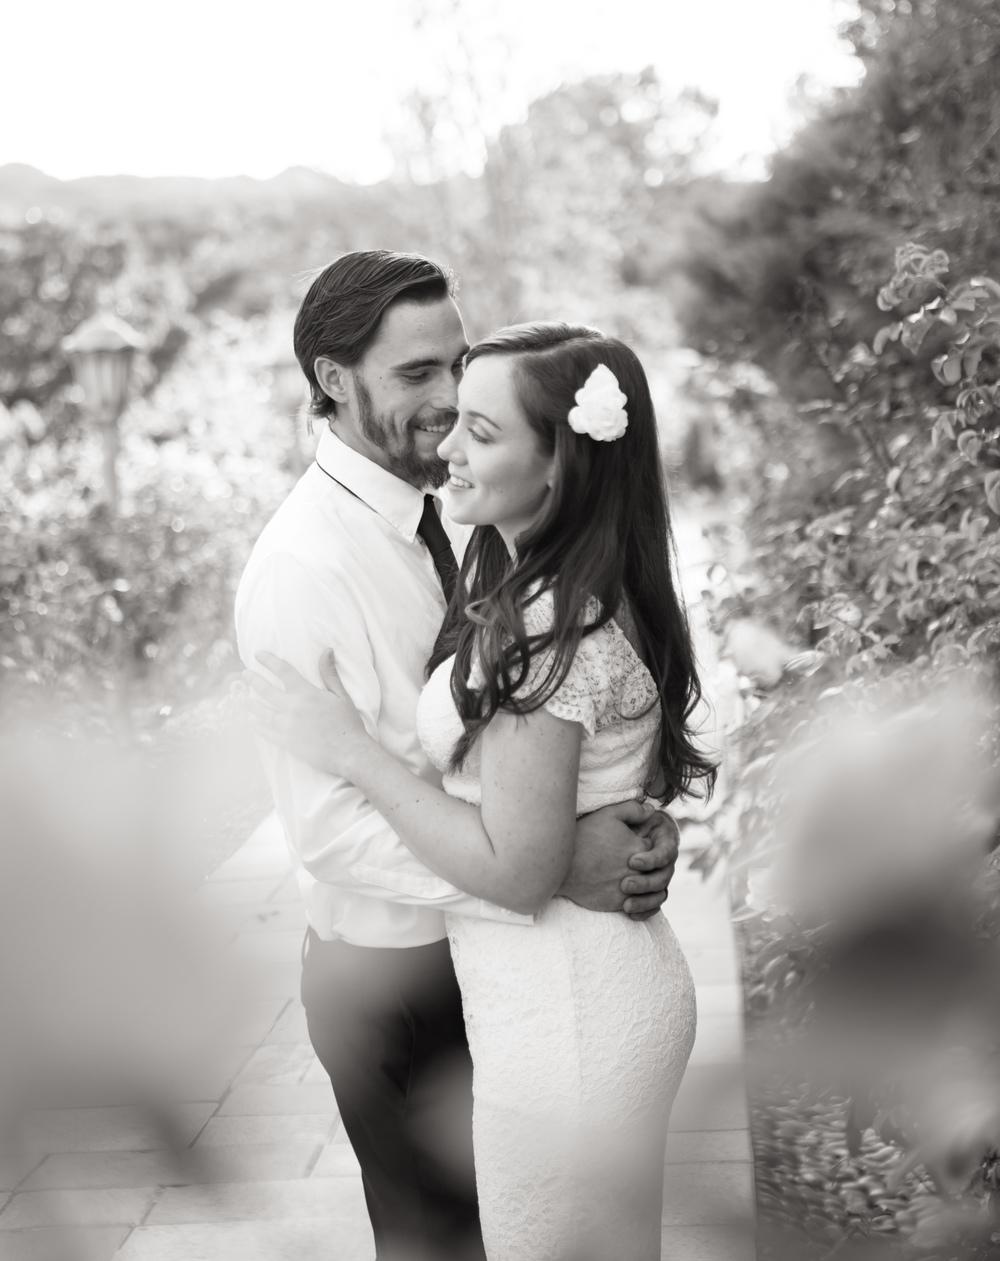 wedding_2015-0475.jpg